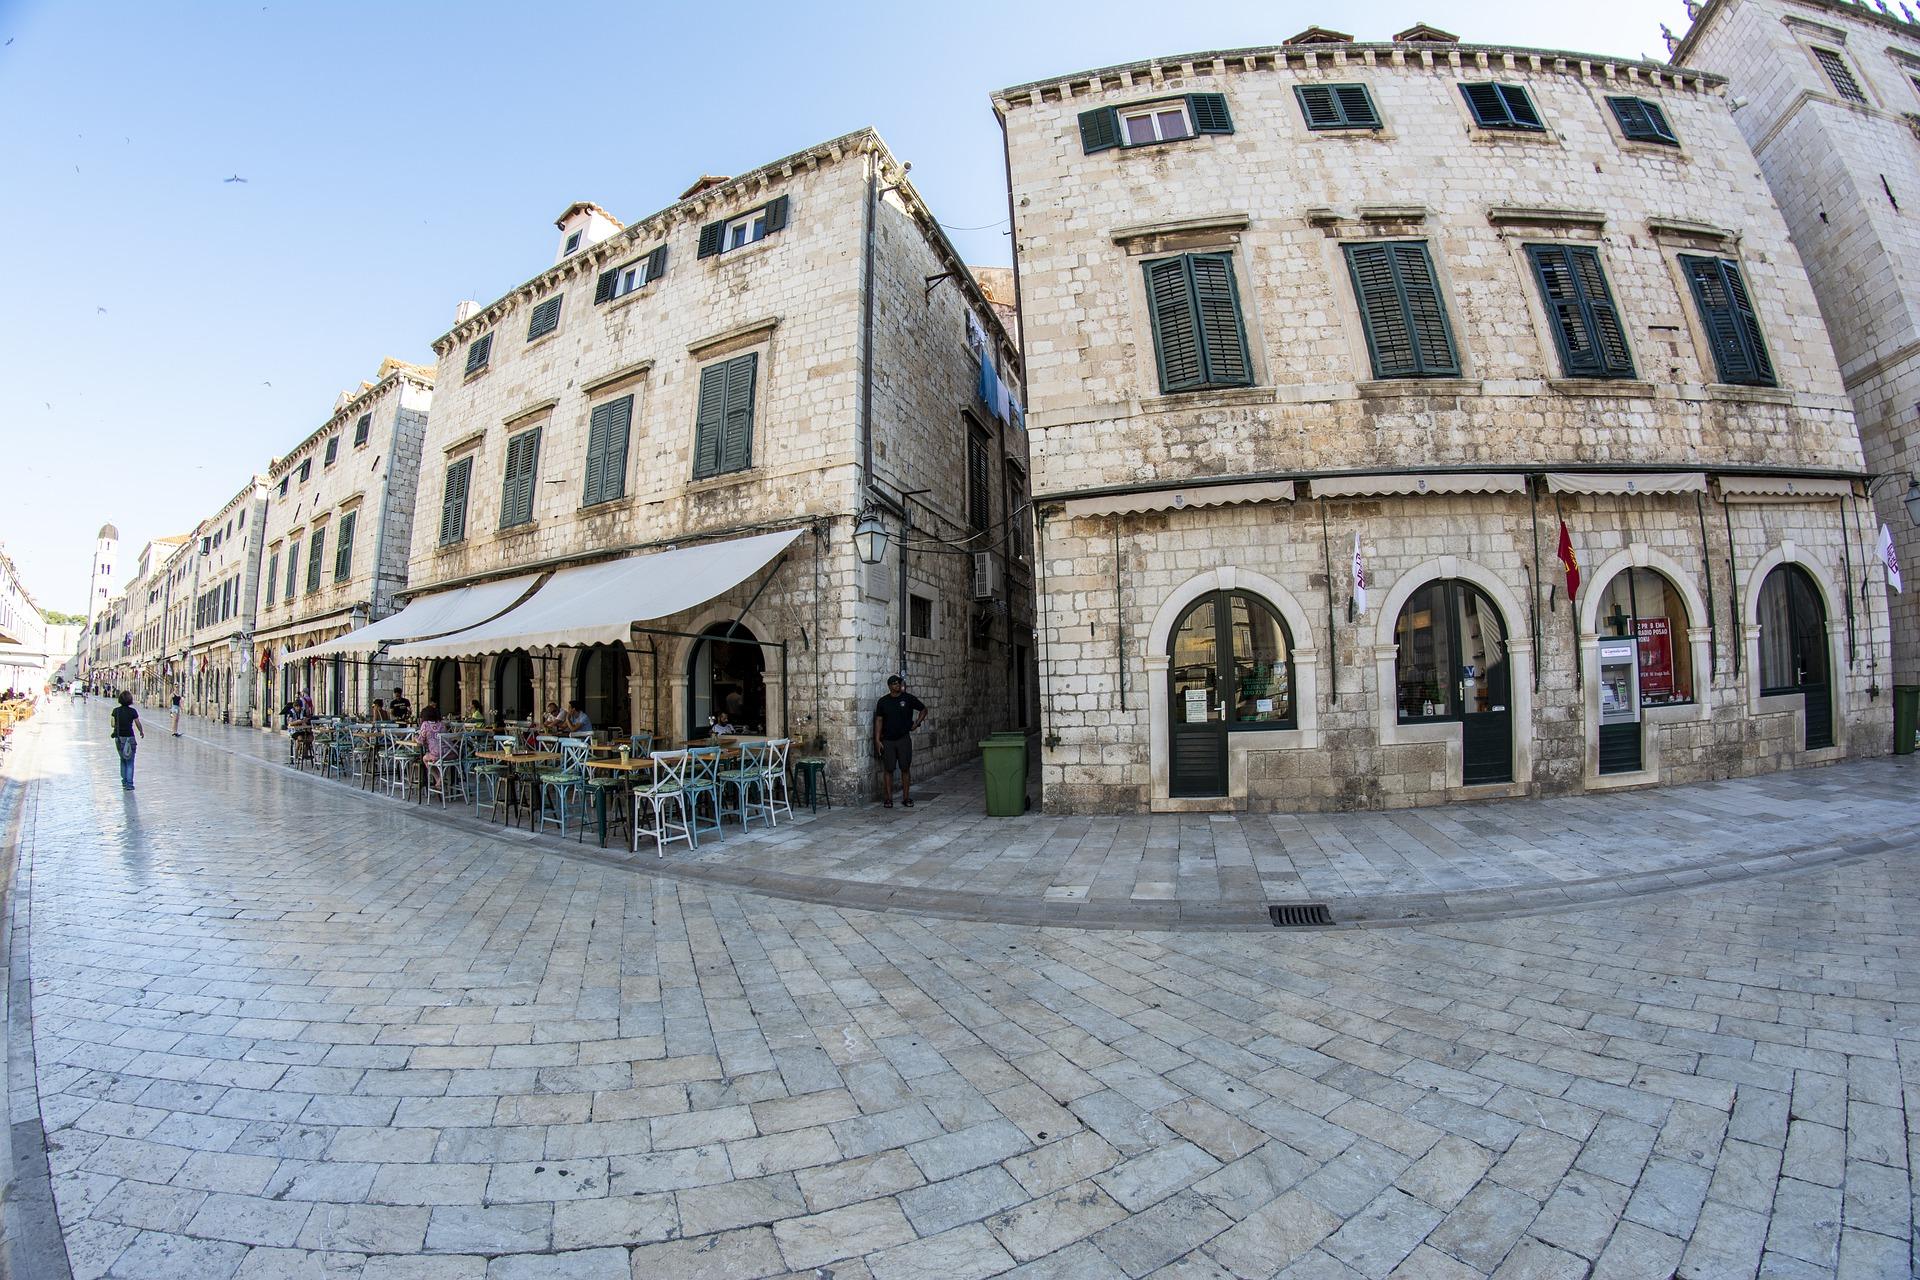 Las calles del centro histórico.